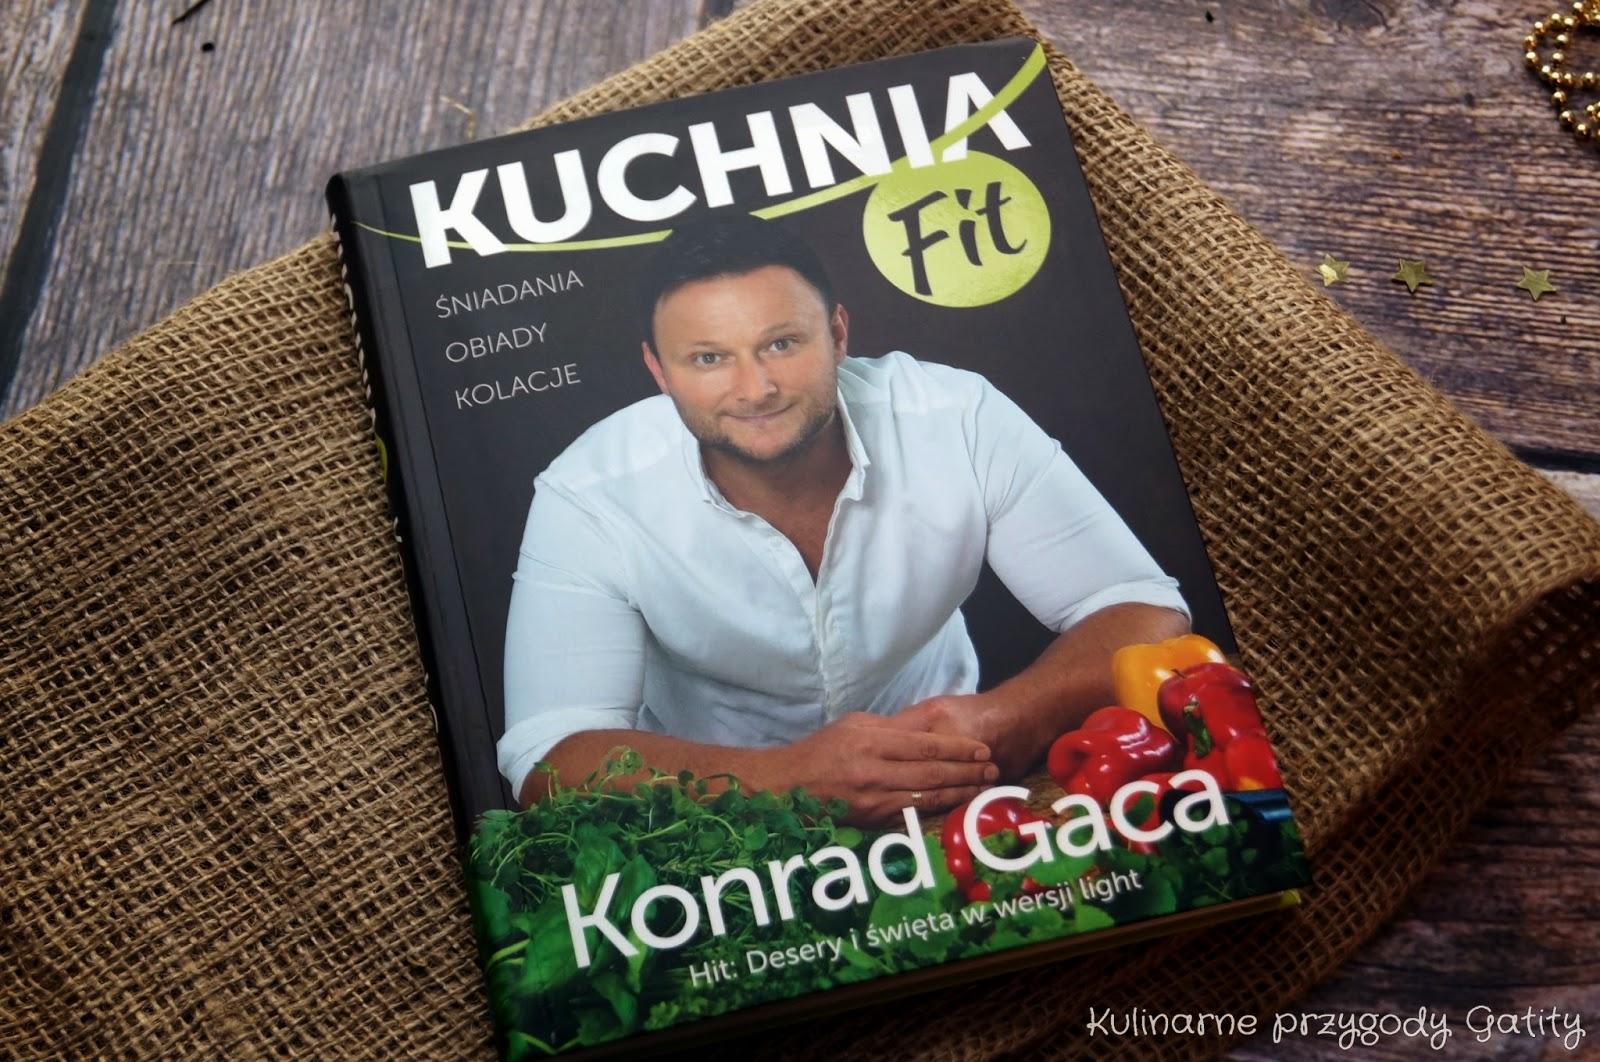 Kuchnia Fit Konrad Gaca Kulinarne Przygody Gatity Przepisy Pelne Smaku